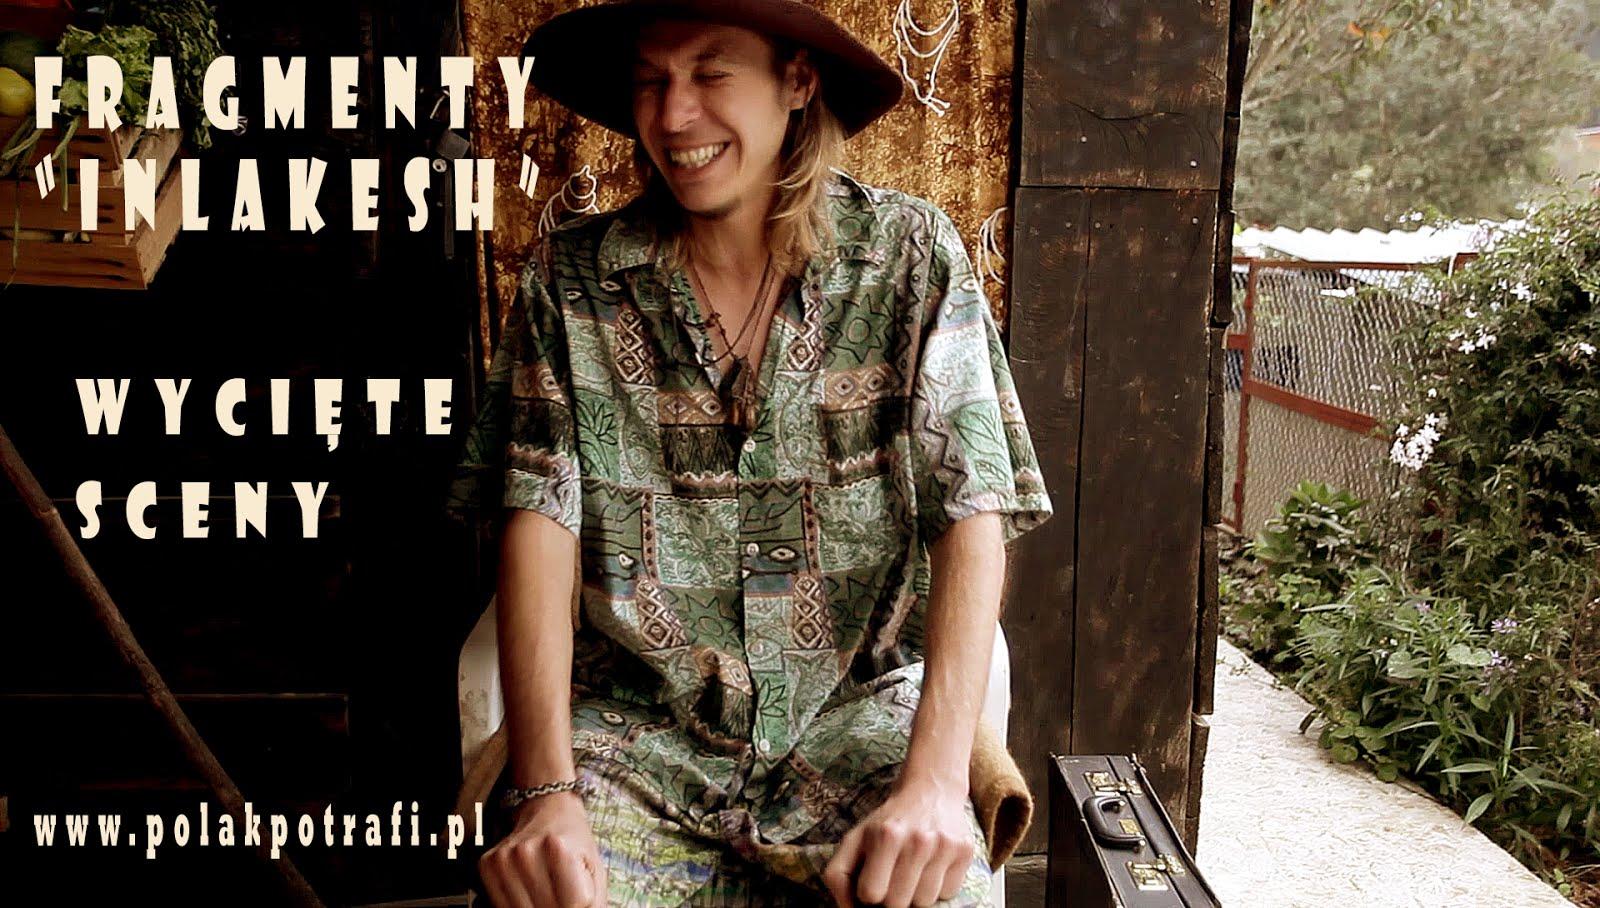 """Crowdfunding dla filmu """"Inlakesh"""" - kulisy scen, życie w Meksyku, fragmenty filmu."""